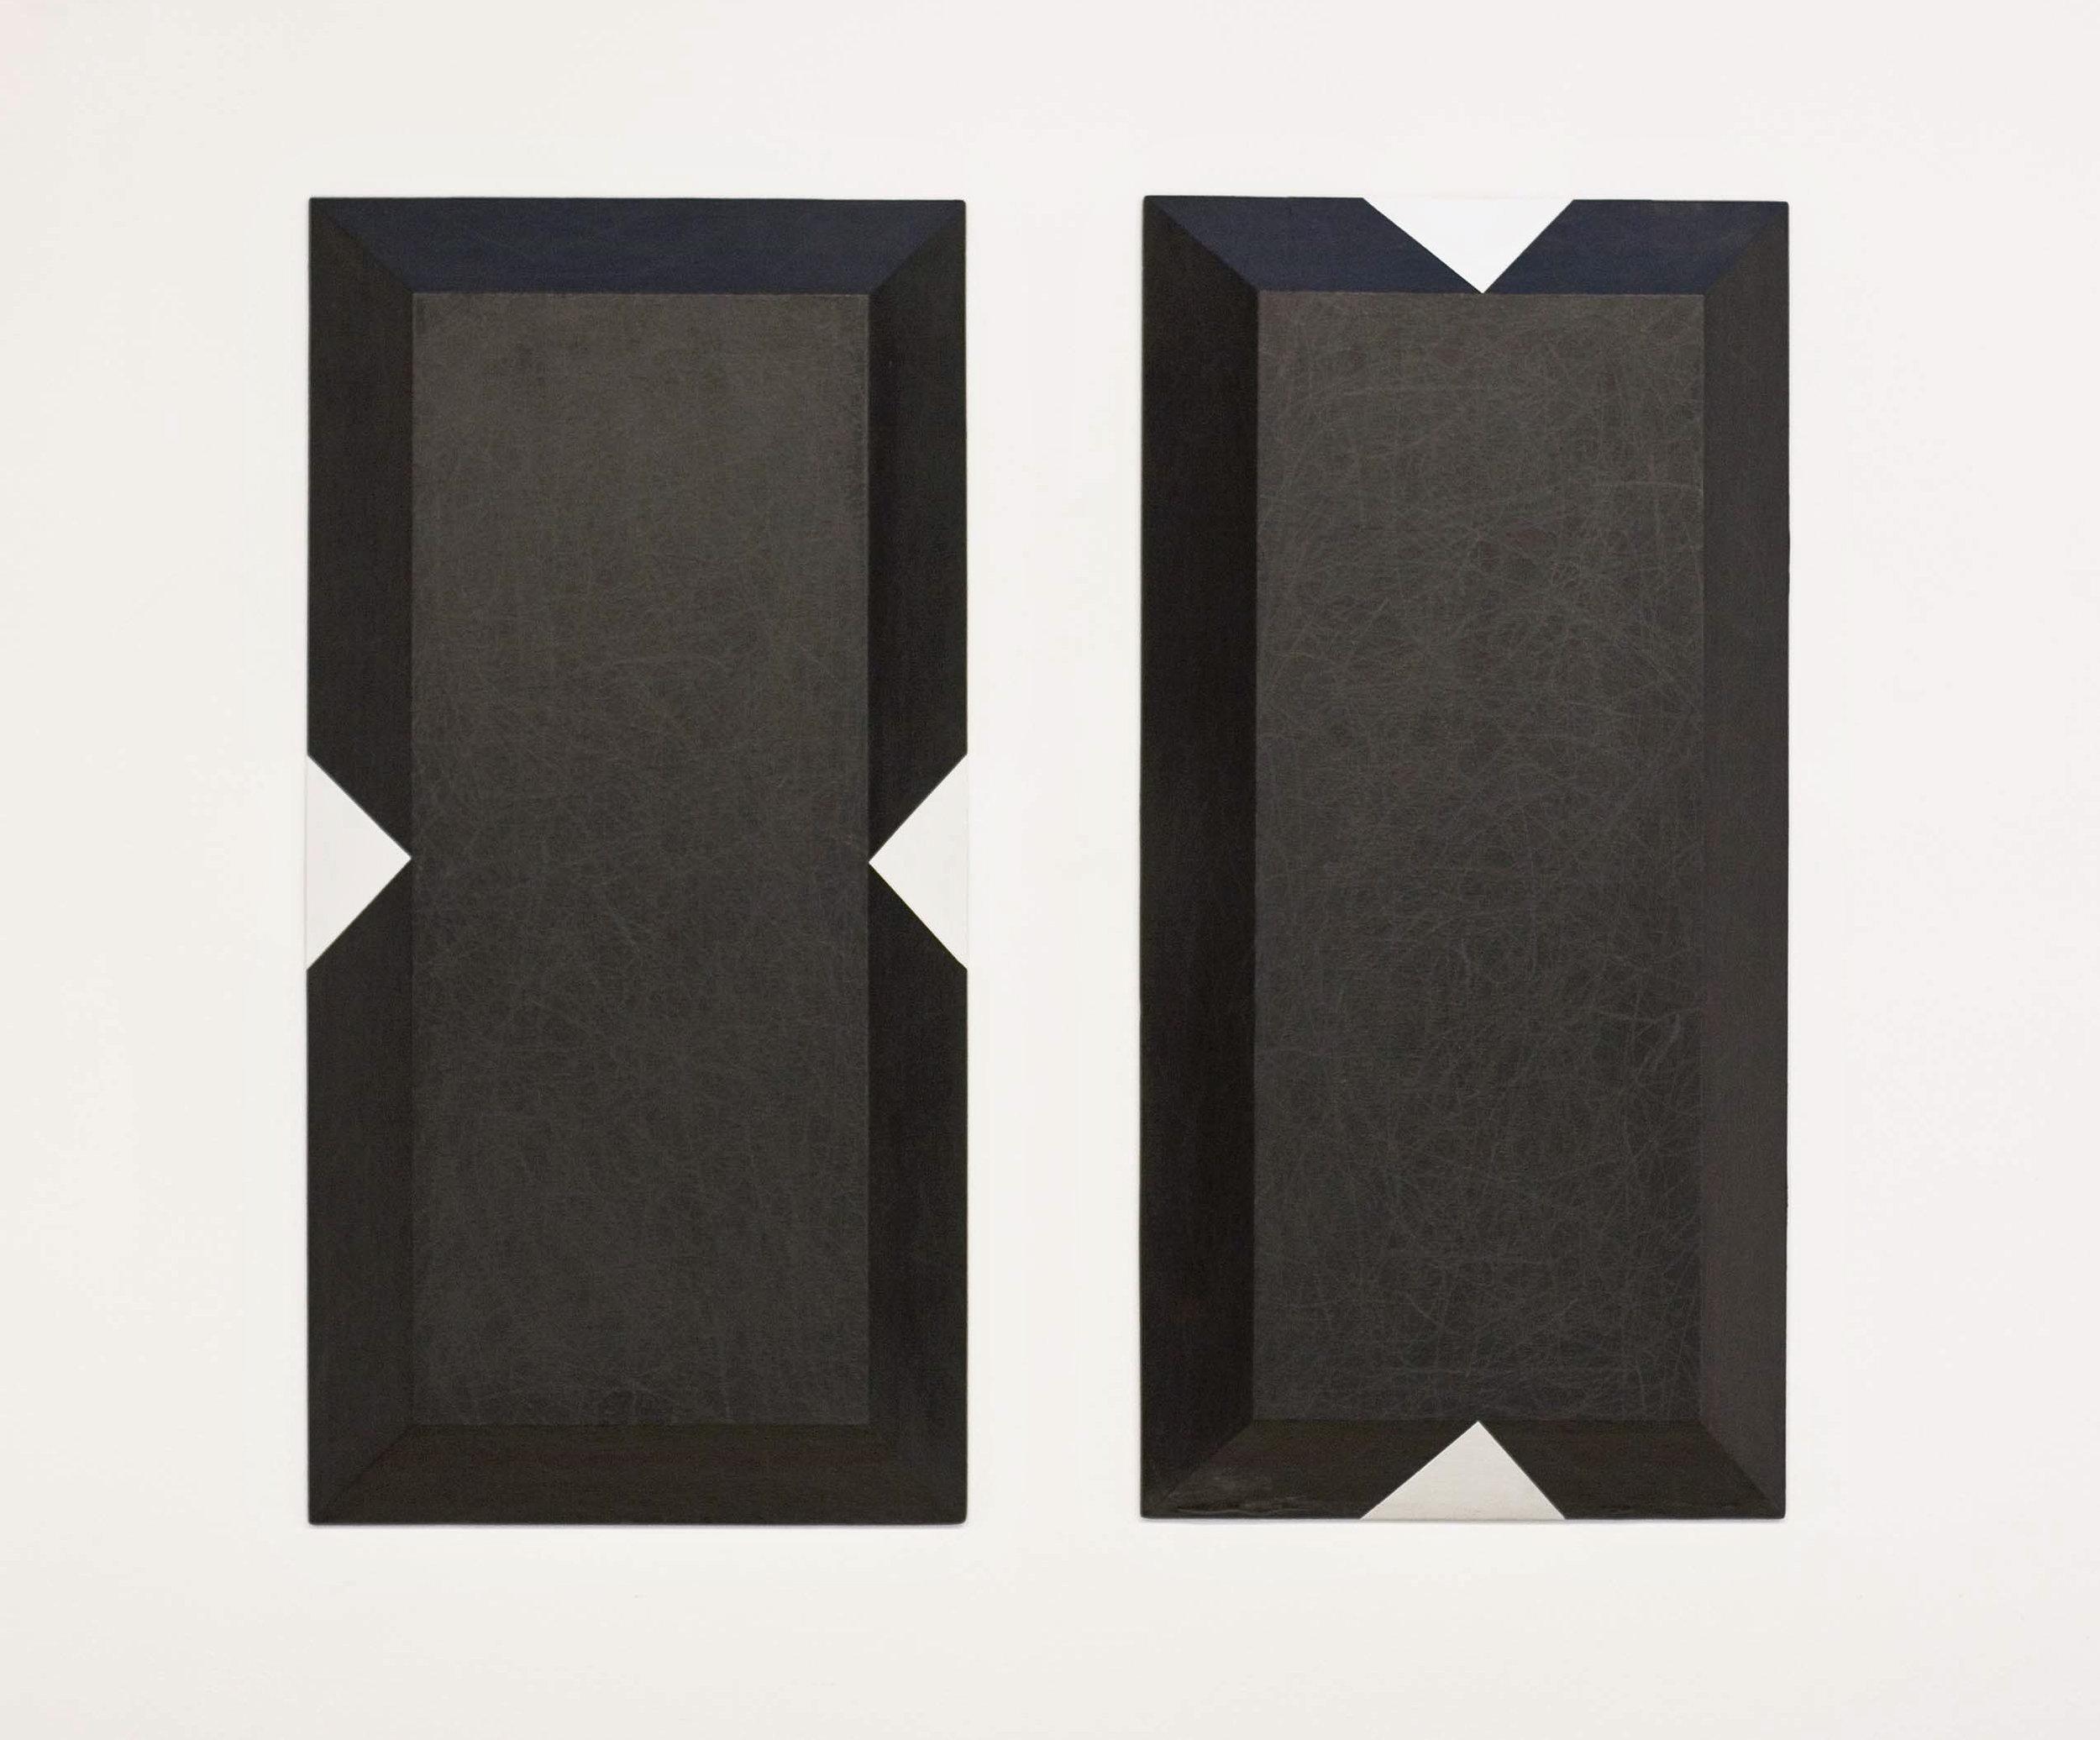 grafit, les, dvakrat 100 x 50 cm, 1998